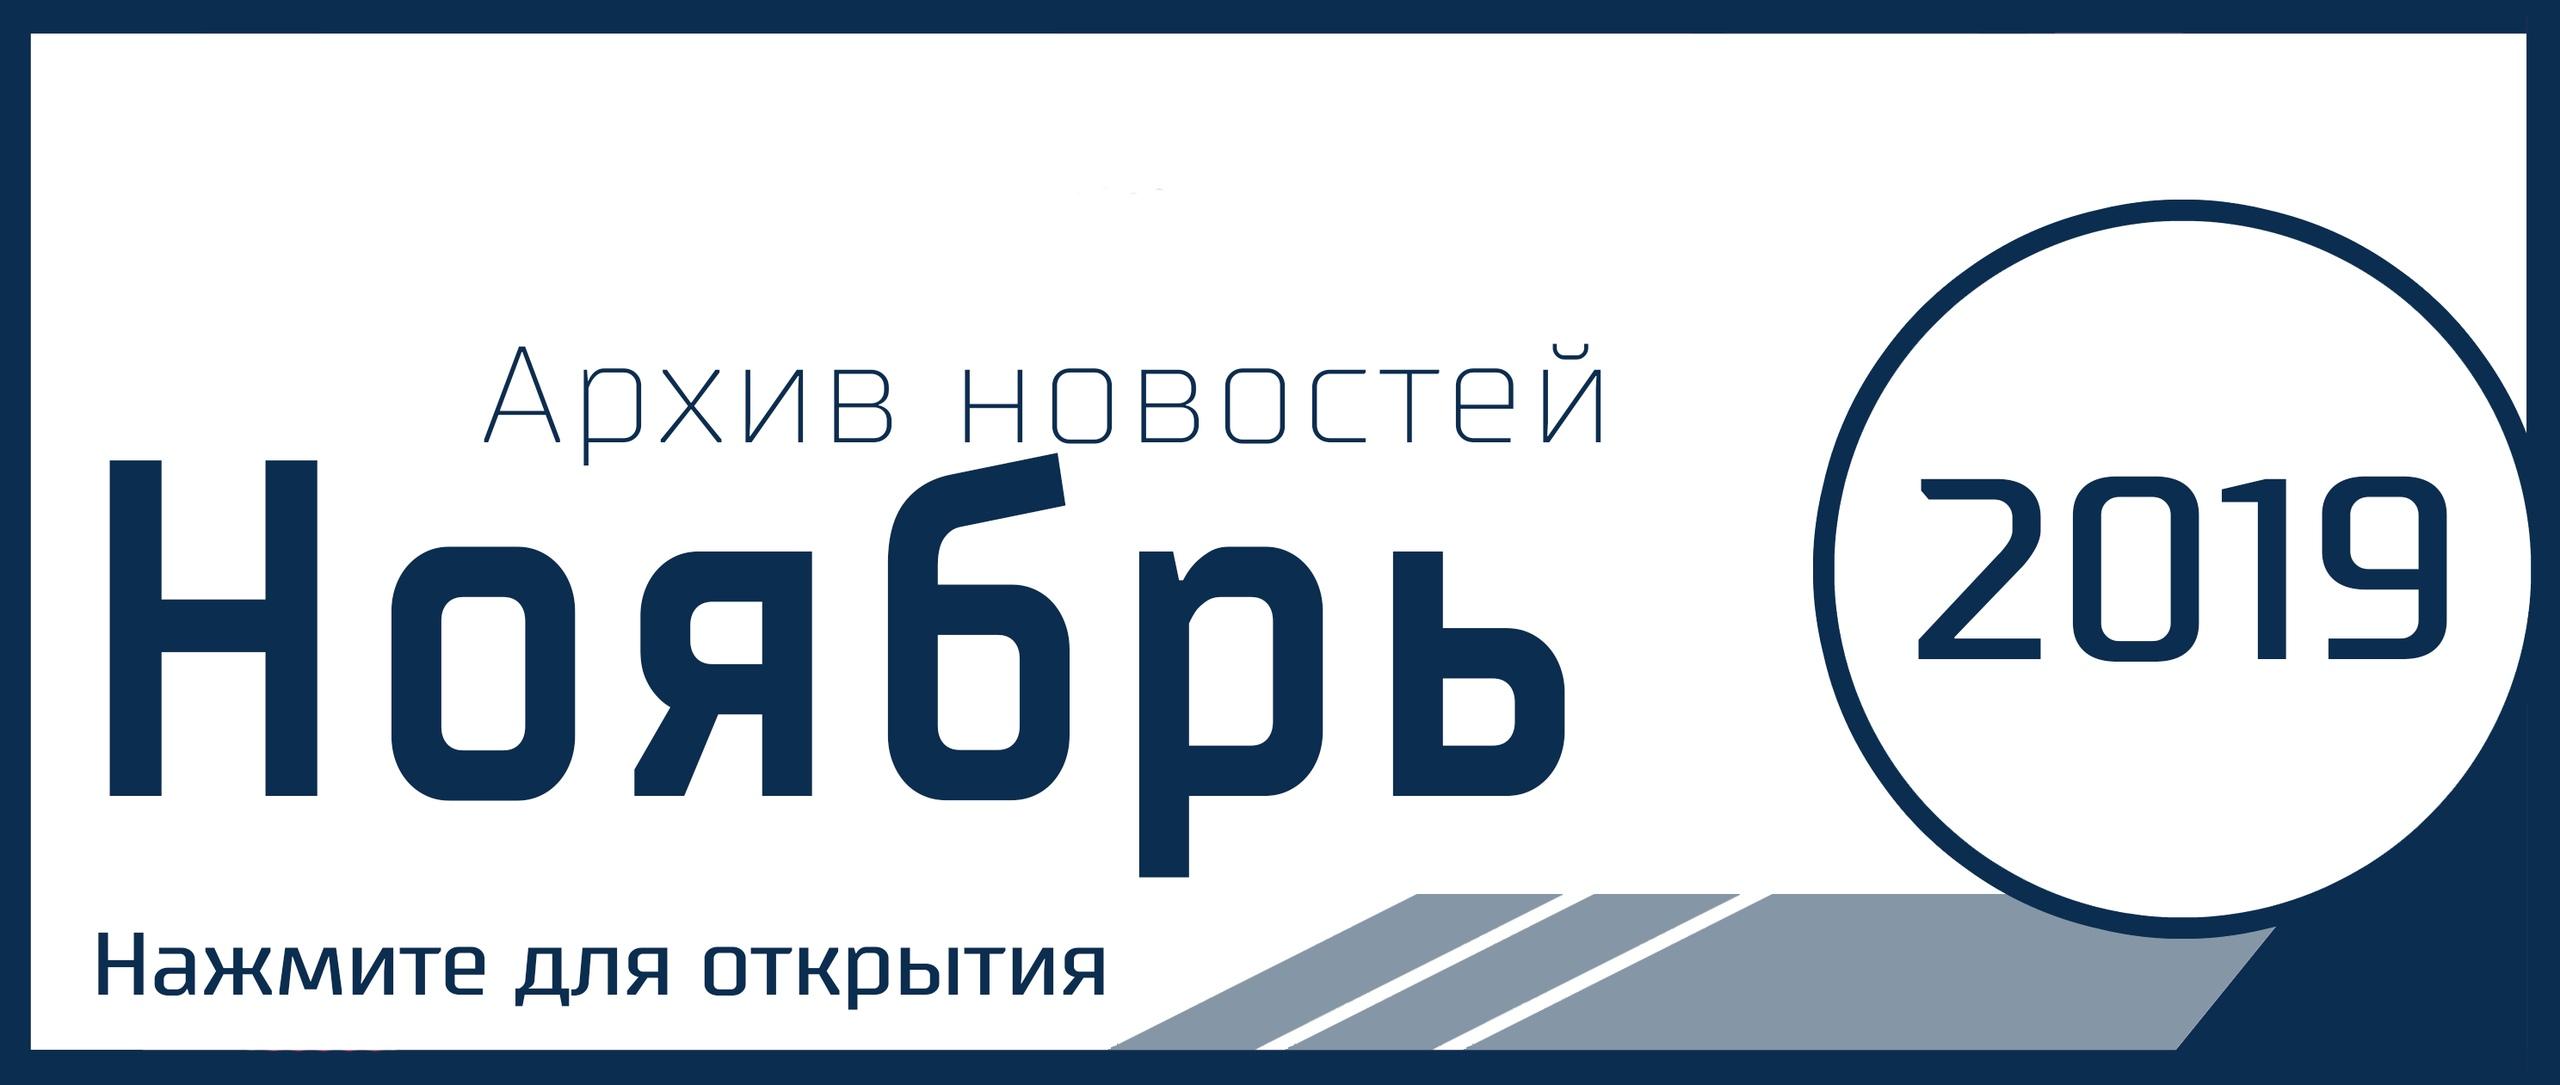 НОЯБРЬ 2019